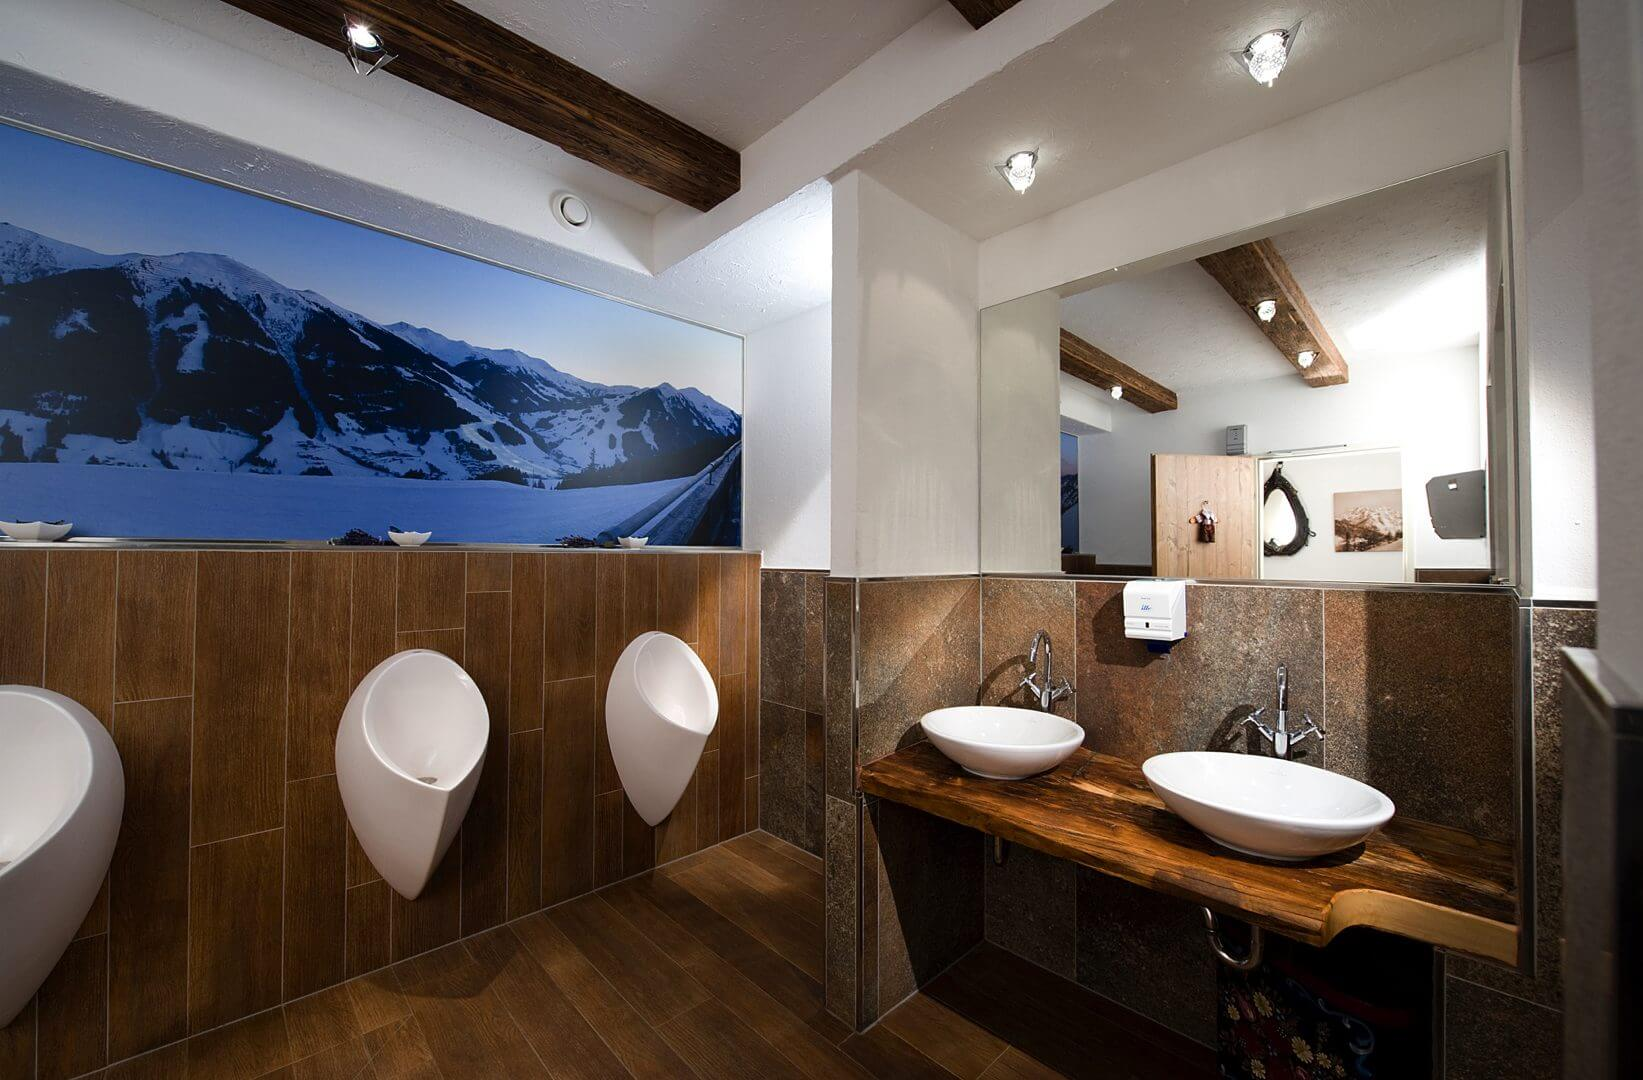 fliesen in bad nassr umen fliesen verlegen lassen pinzgau eberl. Black Bedroom Furniture Sets. Home Design Ideas